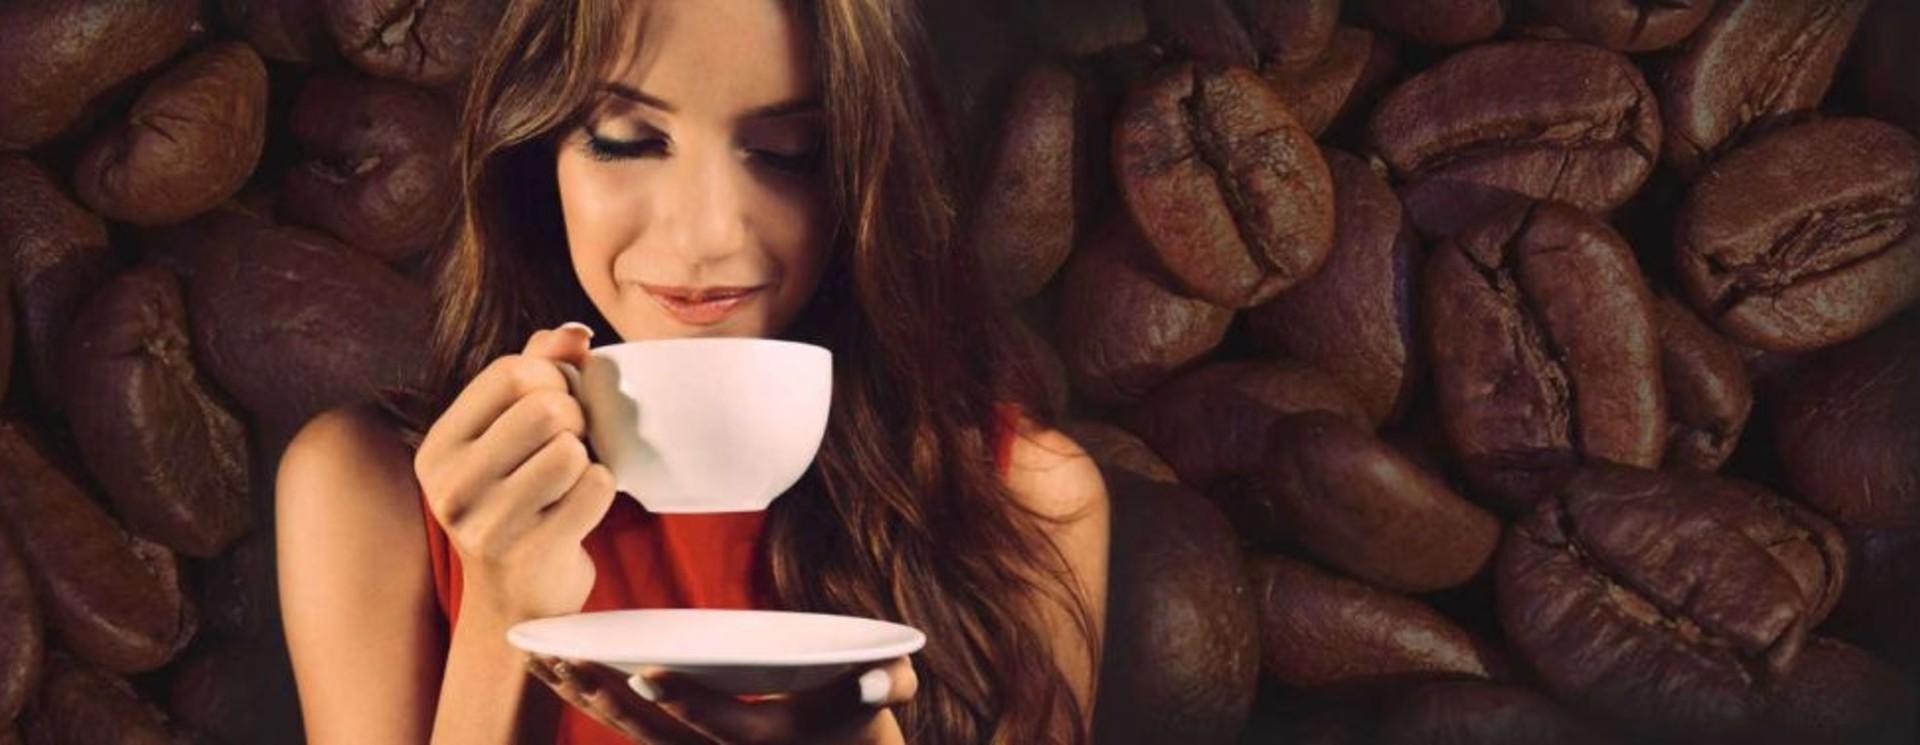 De Pelikaan Koffie